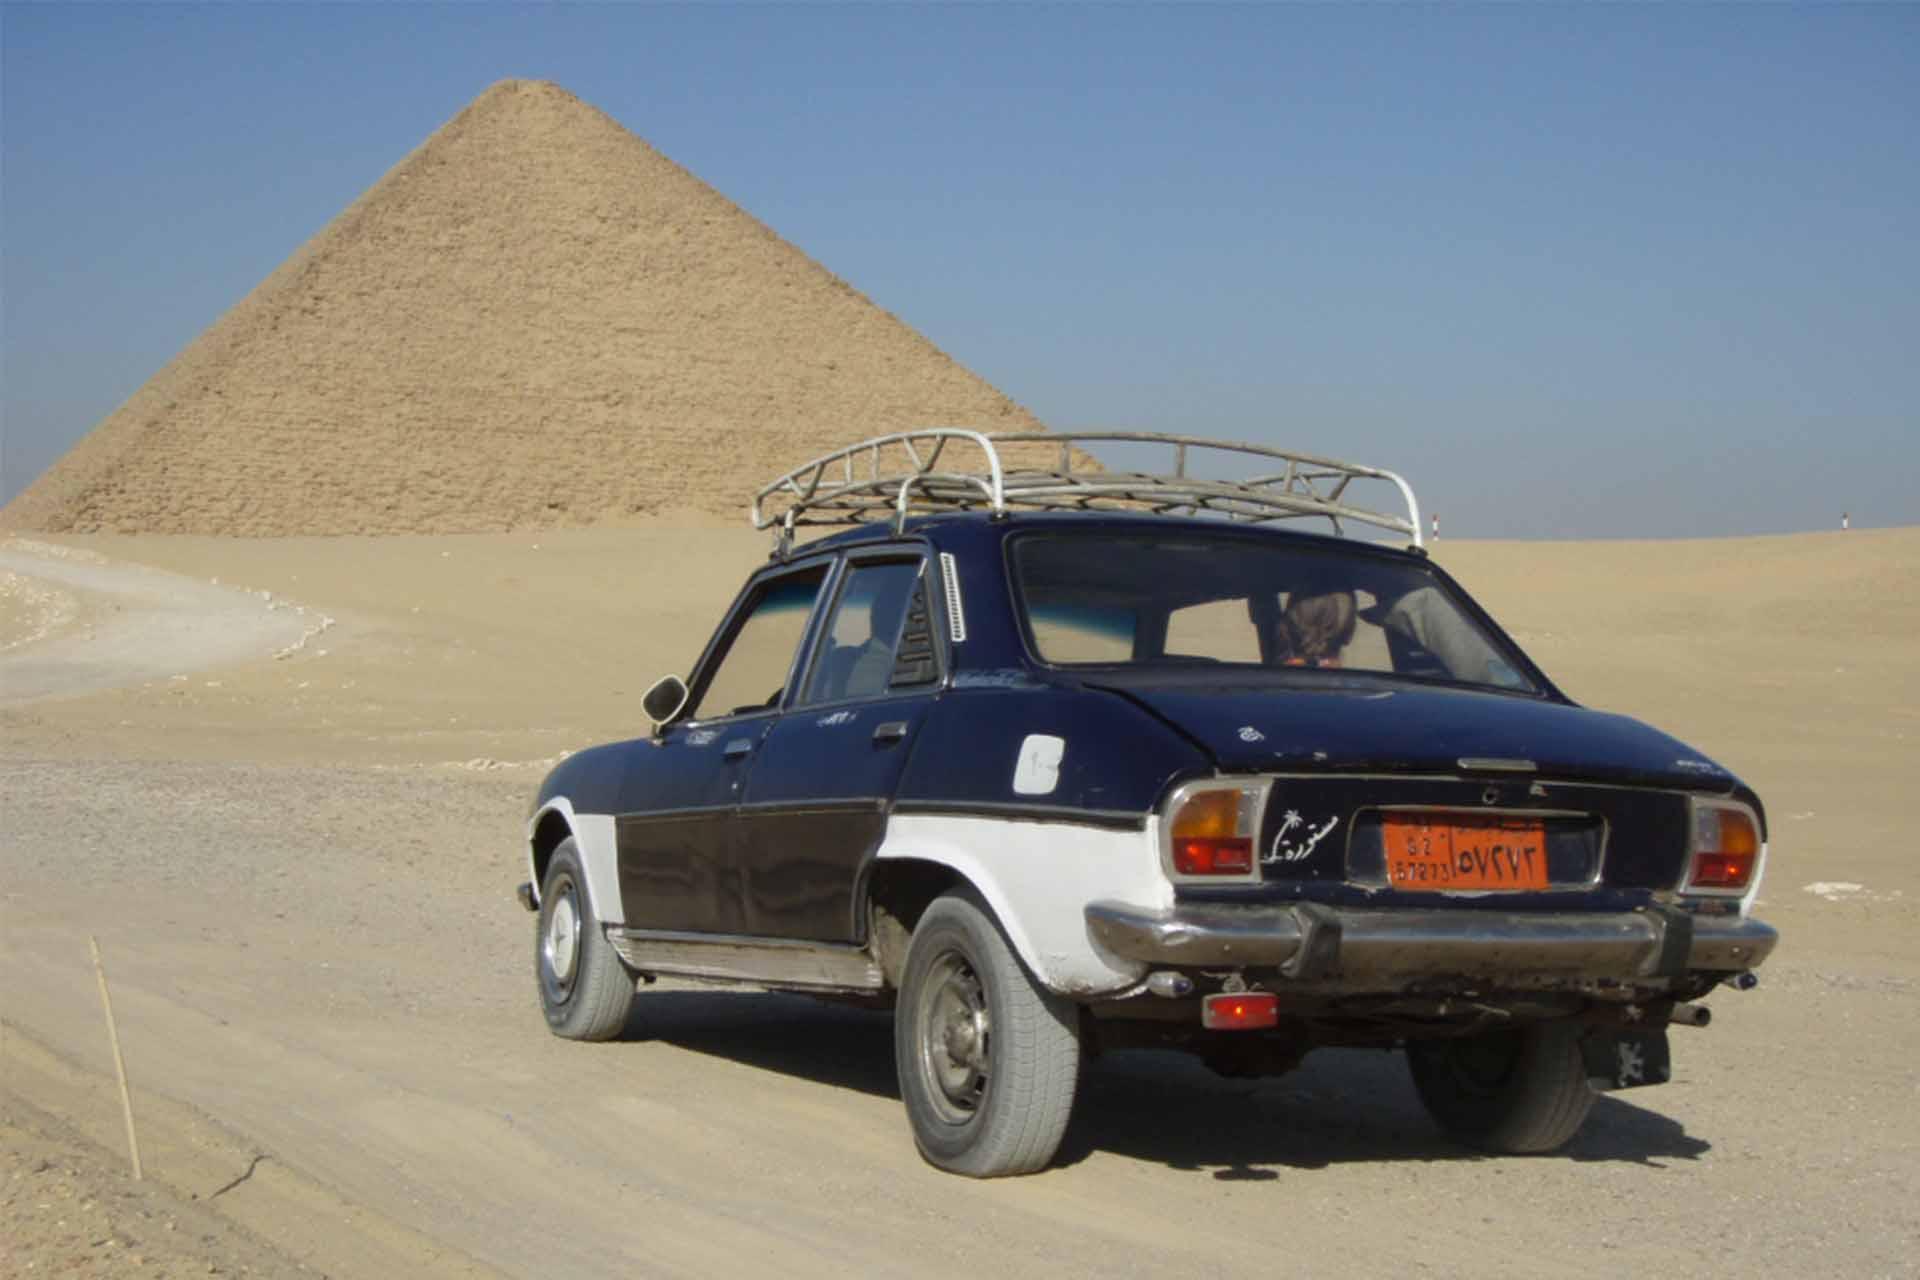 Auf dem Weg zur roten Pyramide